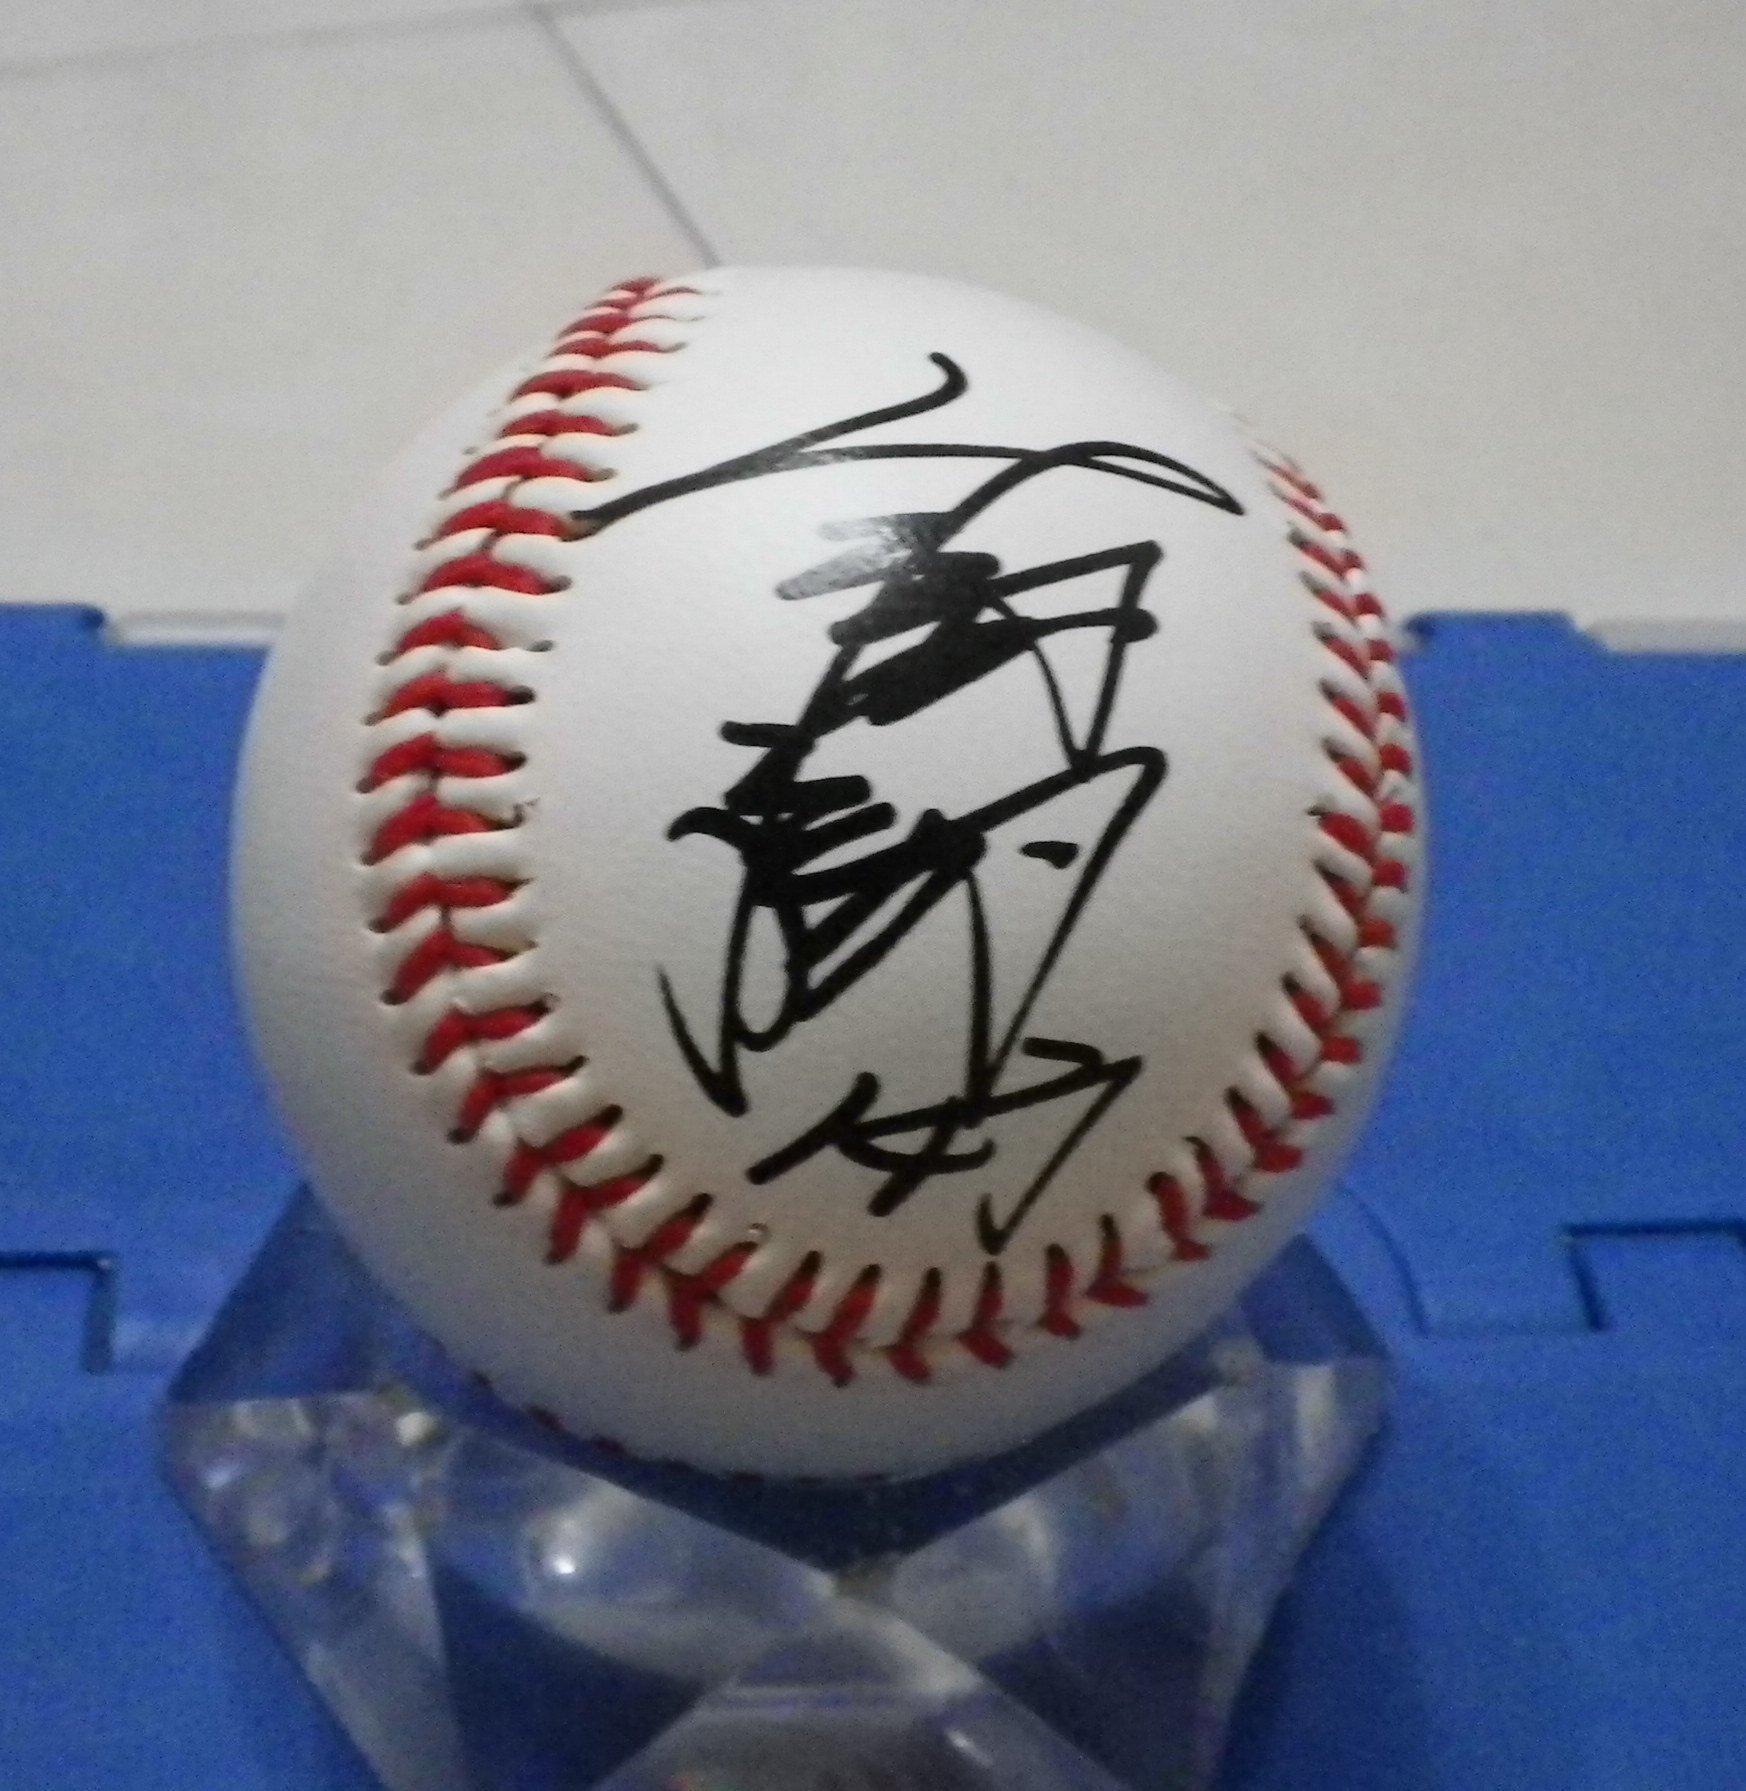 棒球天地----世界12強 中華隊 抗古英雄 宋家豪 簽名樂天球.字跡漂亮